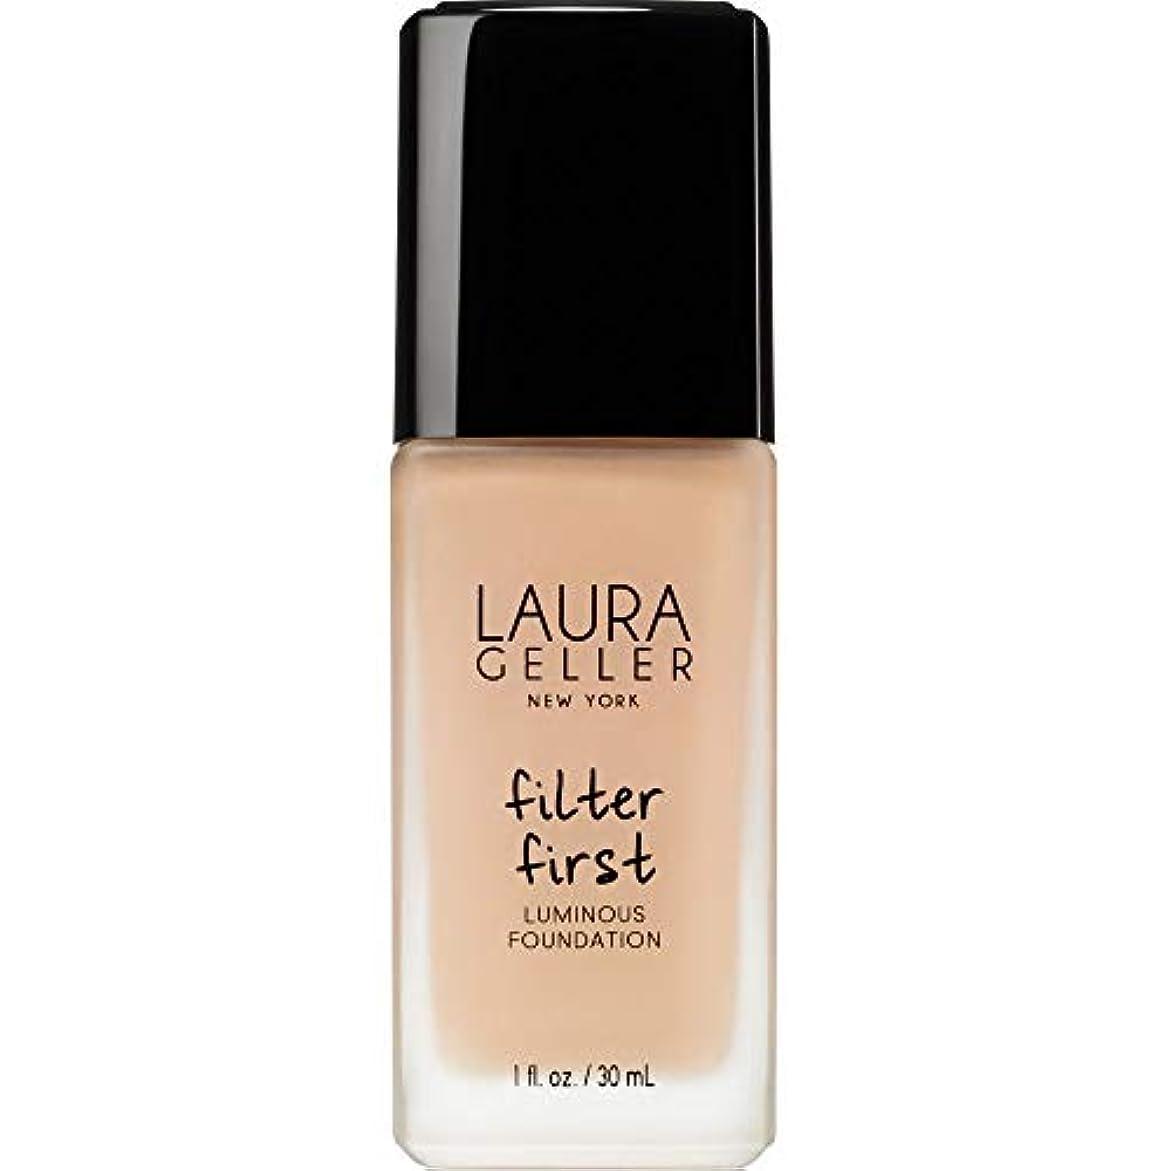 声を出して煙咳[Laura Geller] ローラ?ゲラーは、最初の発光基盤の30ミリリットルのバフをフィルタリング - Laura Geller Filter First Luminous Foundation 30ml Buff...